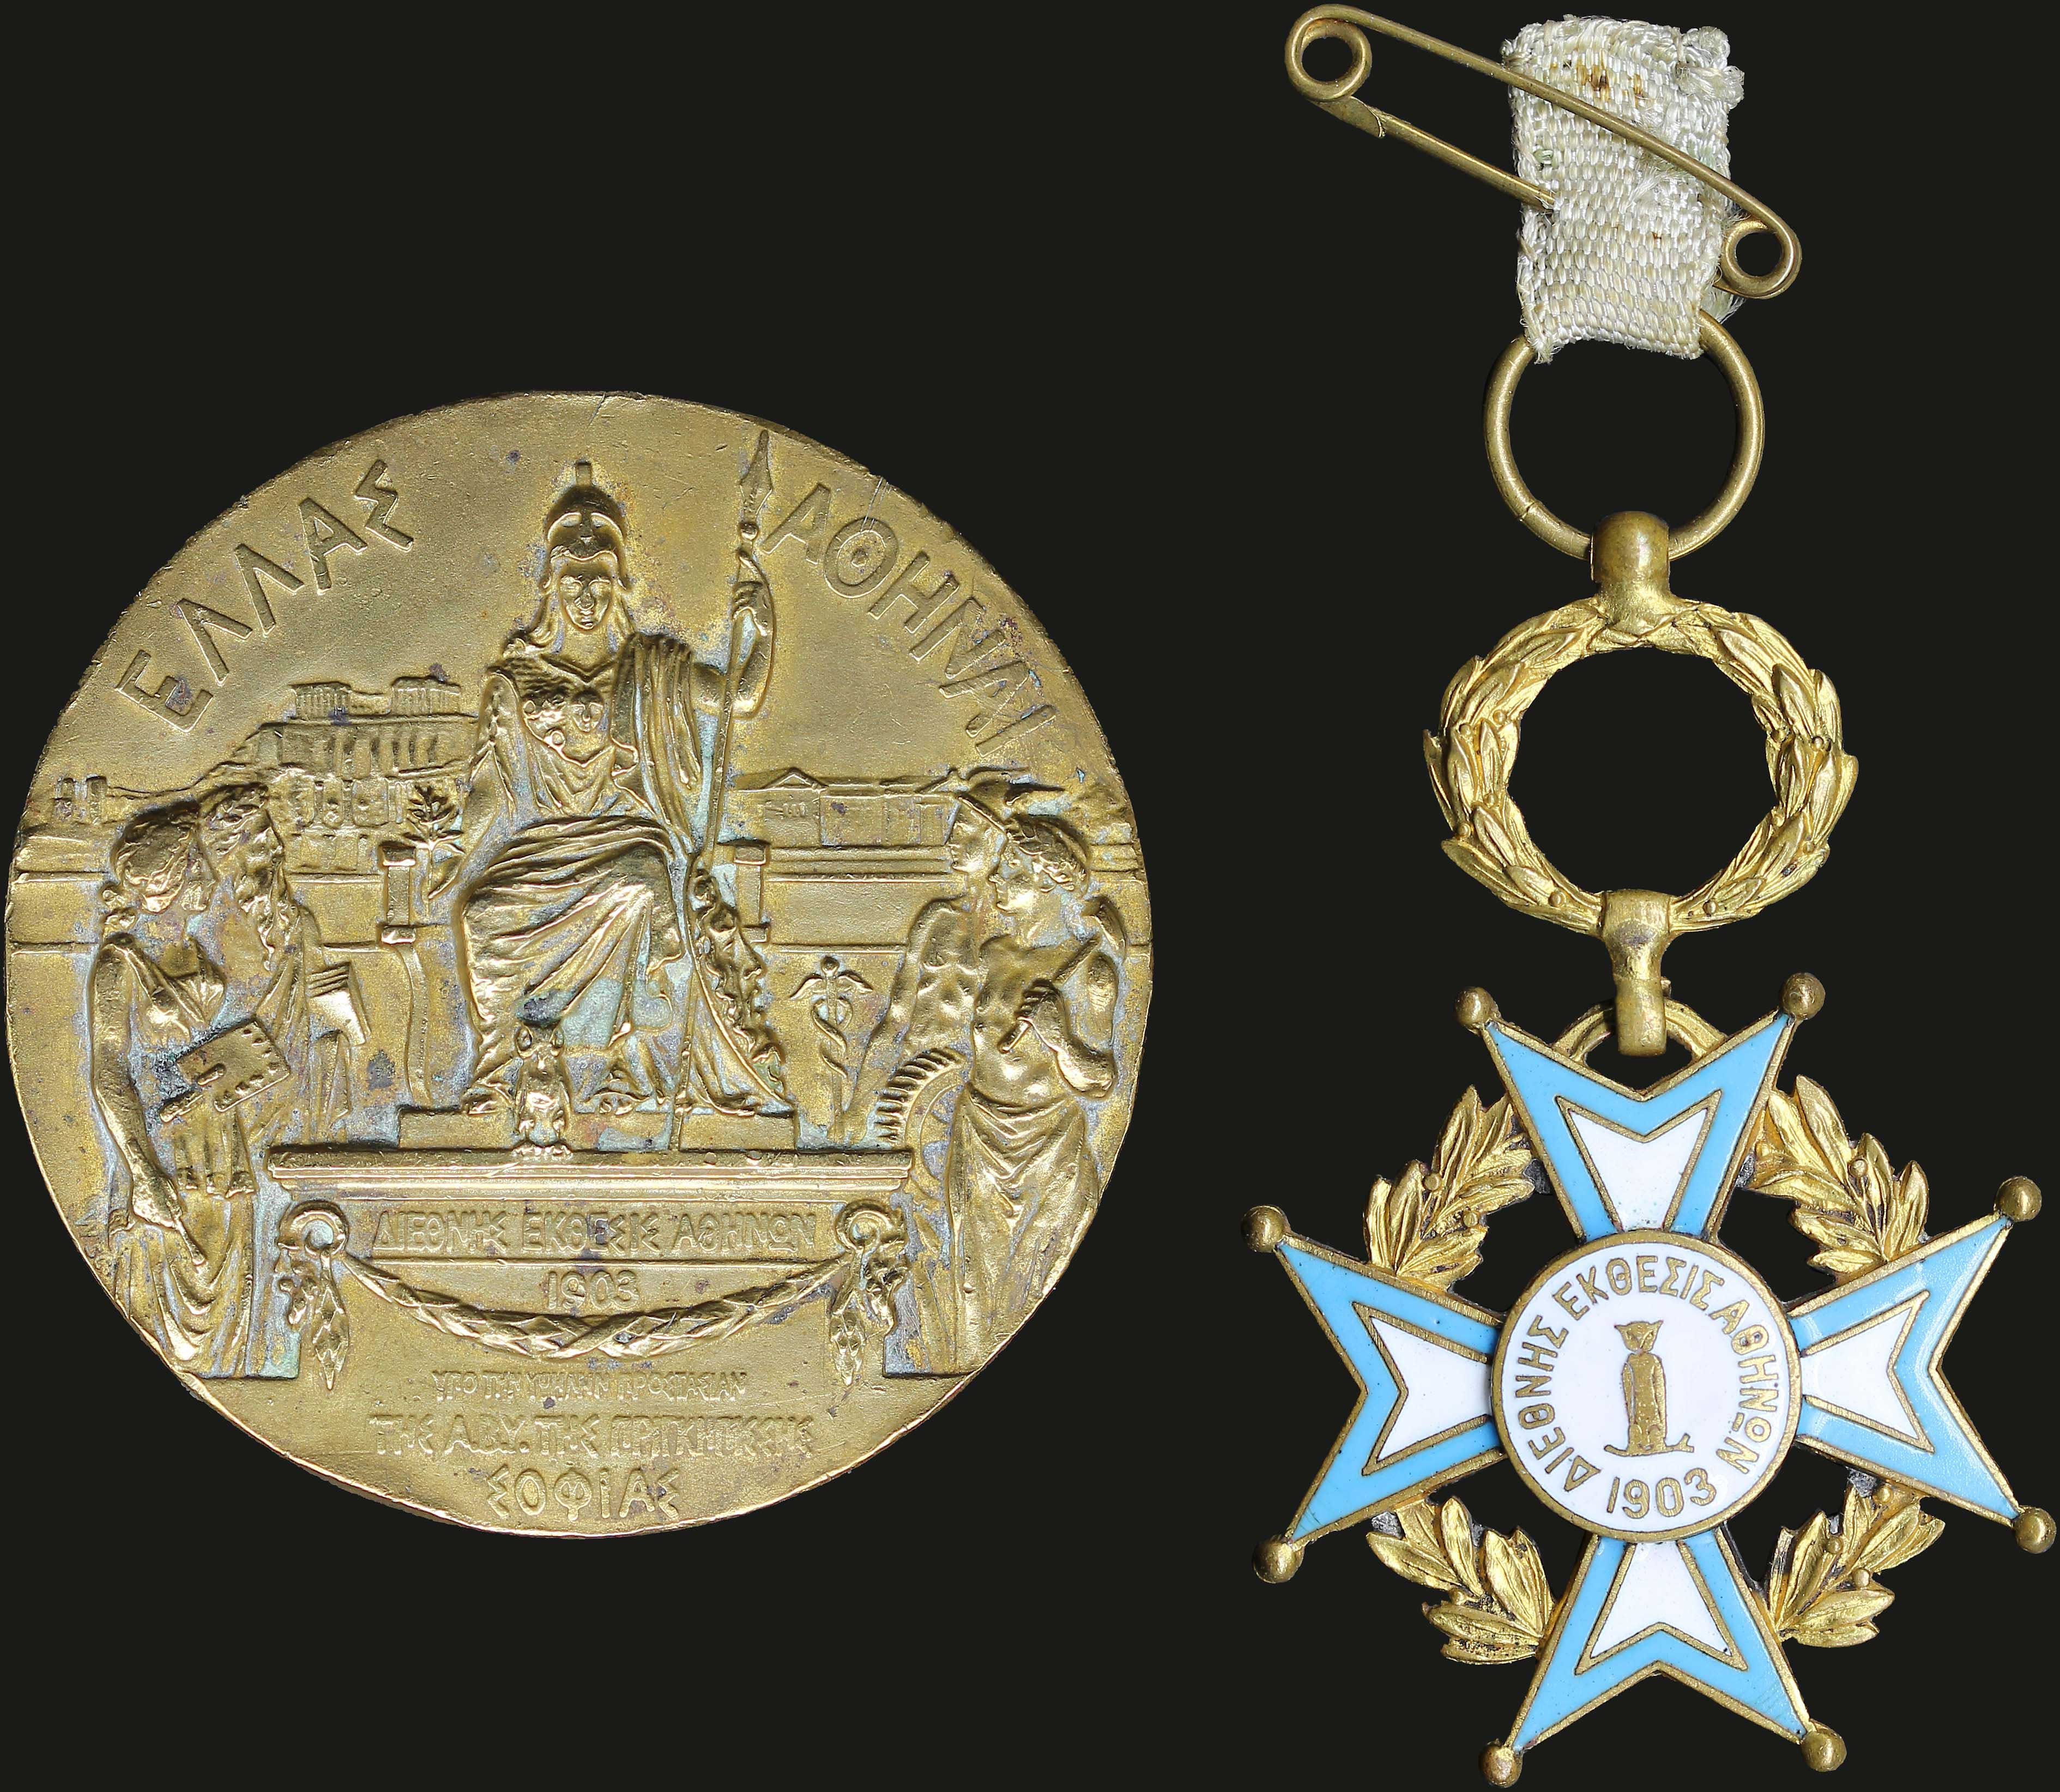 Lot 6559 - -  MEDALS & DECORATIONS various greek medals -  A. Karamitsos Public & Live Bid Auction 636 Coins, Medals & Banknotes